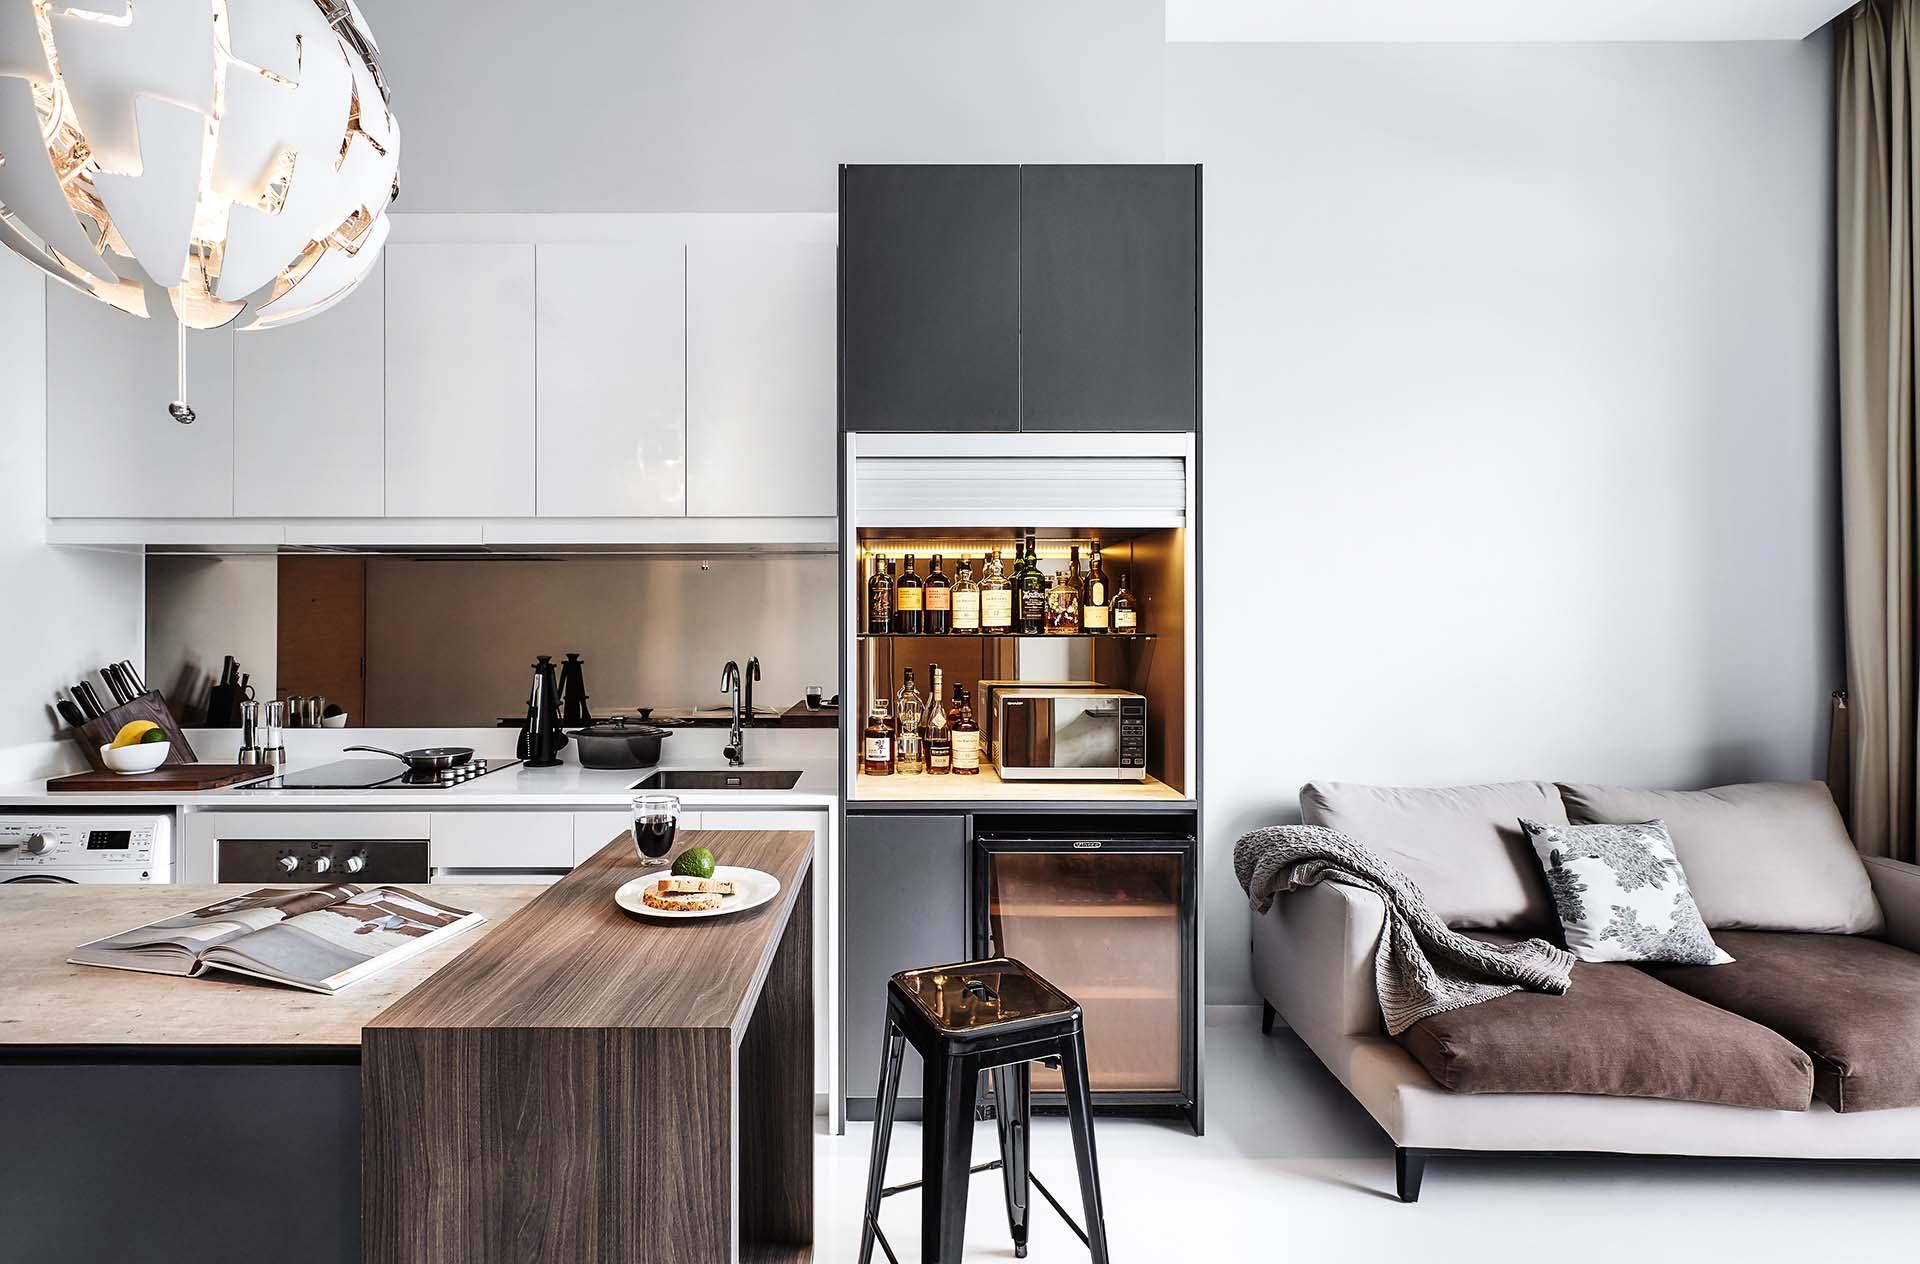 Kitchen, Kitchen Island, Bar Counter